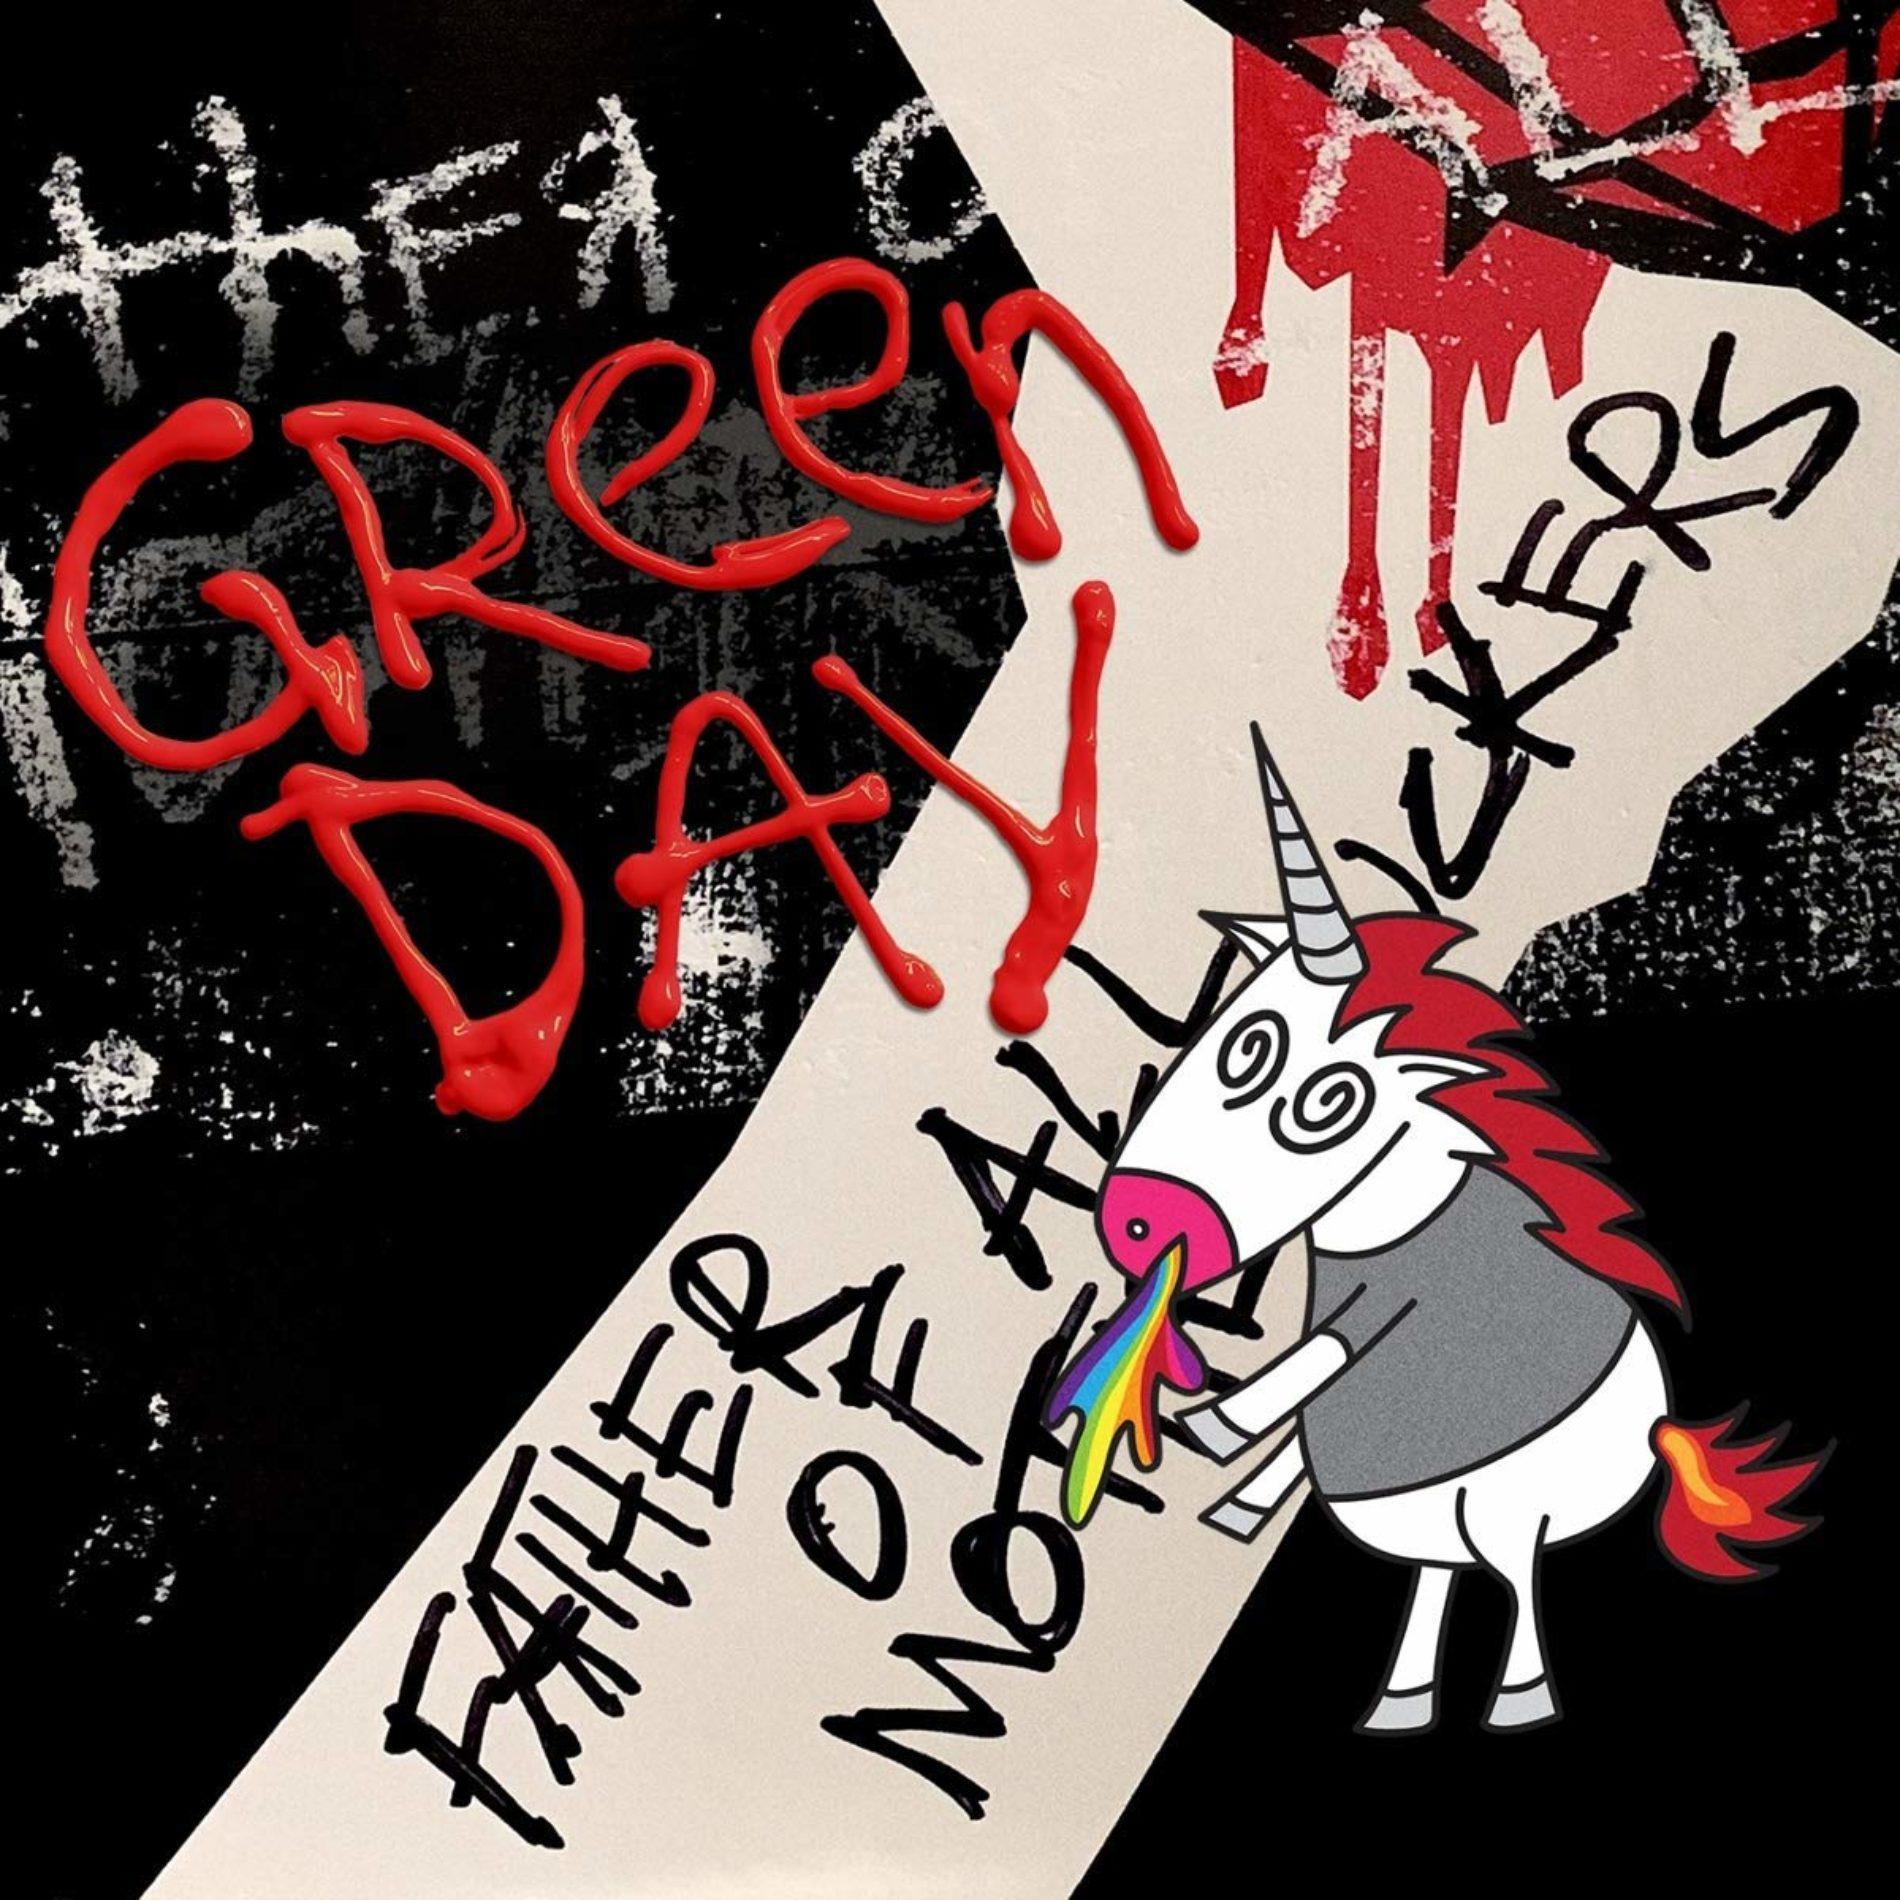 Green Day – die Tracklist des neuen Albums ist fertig